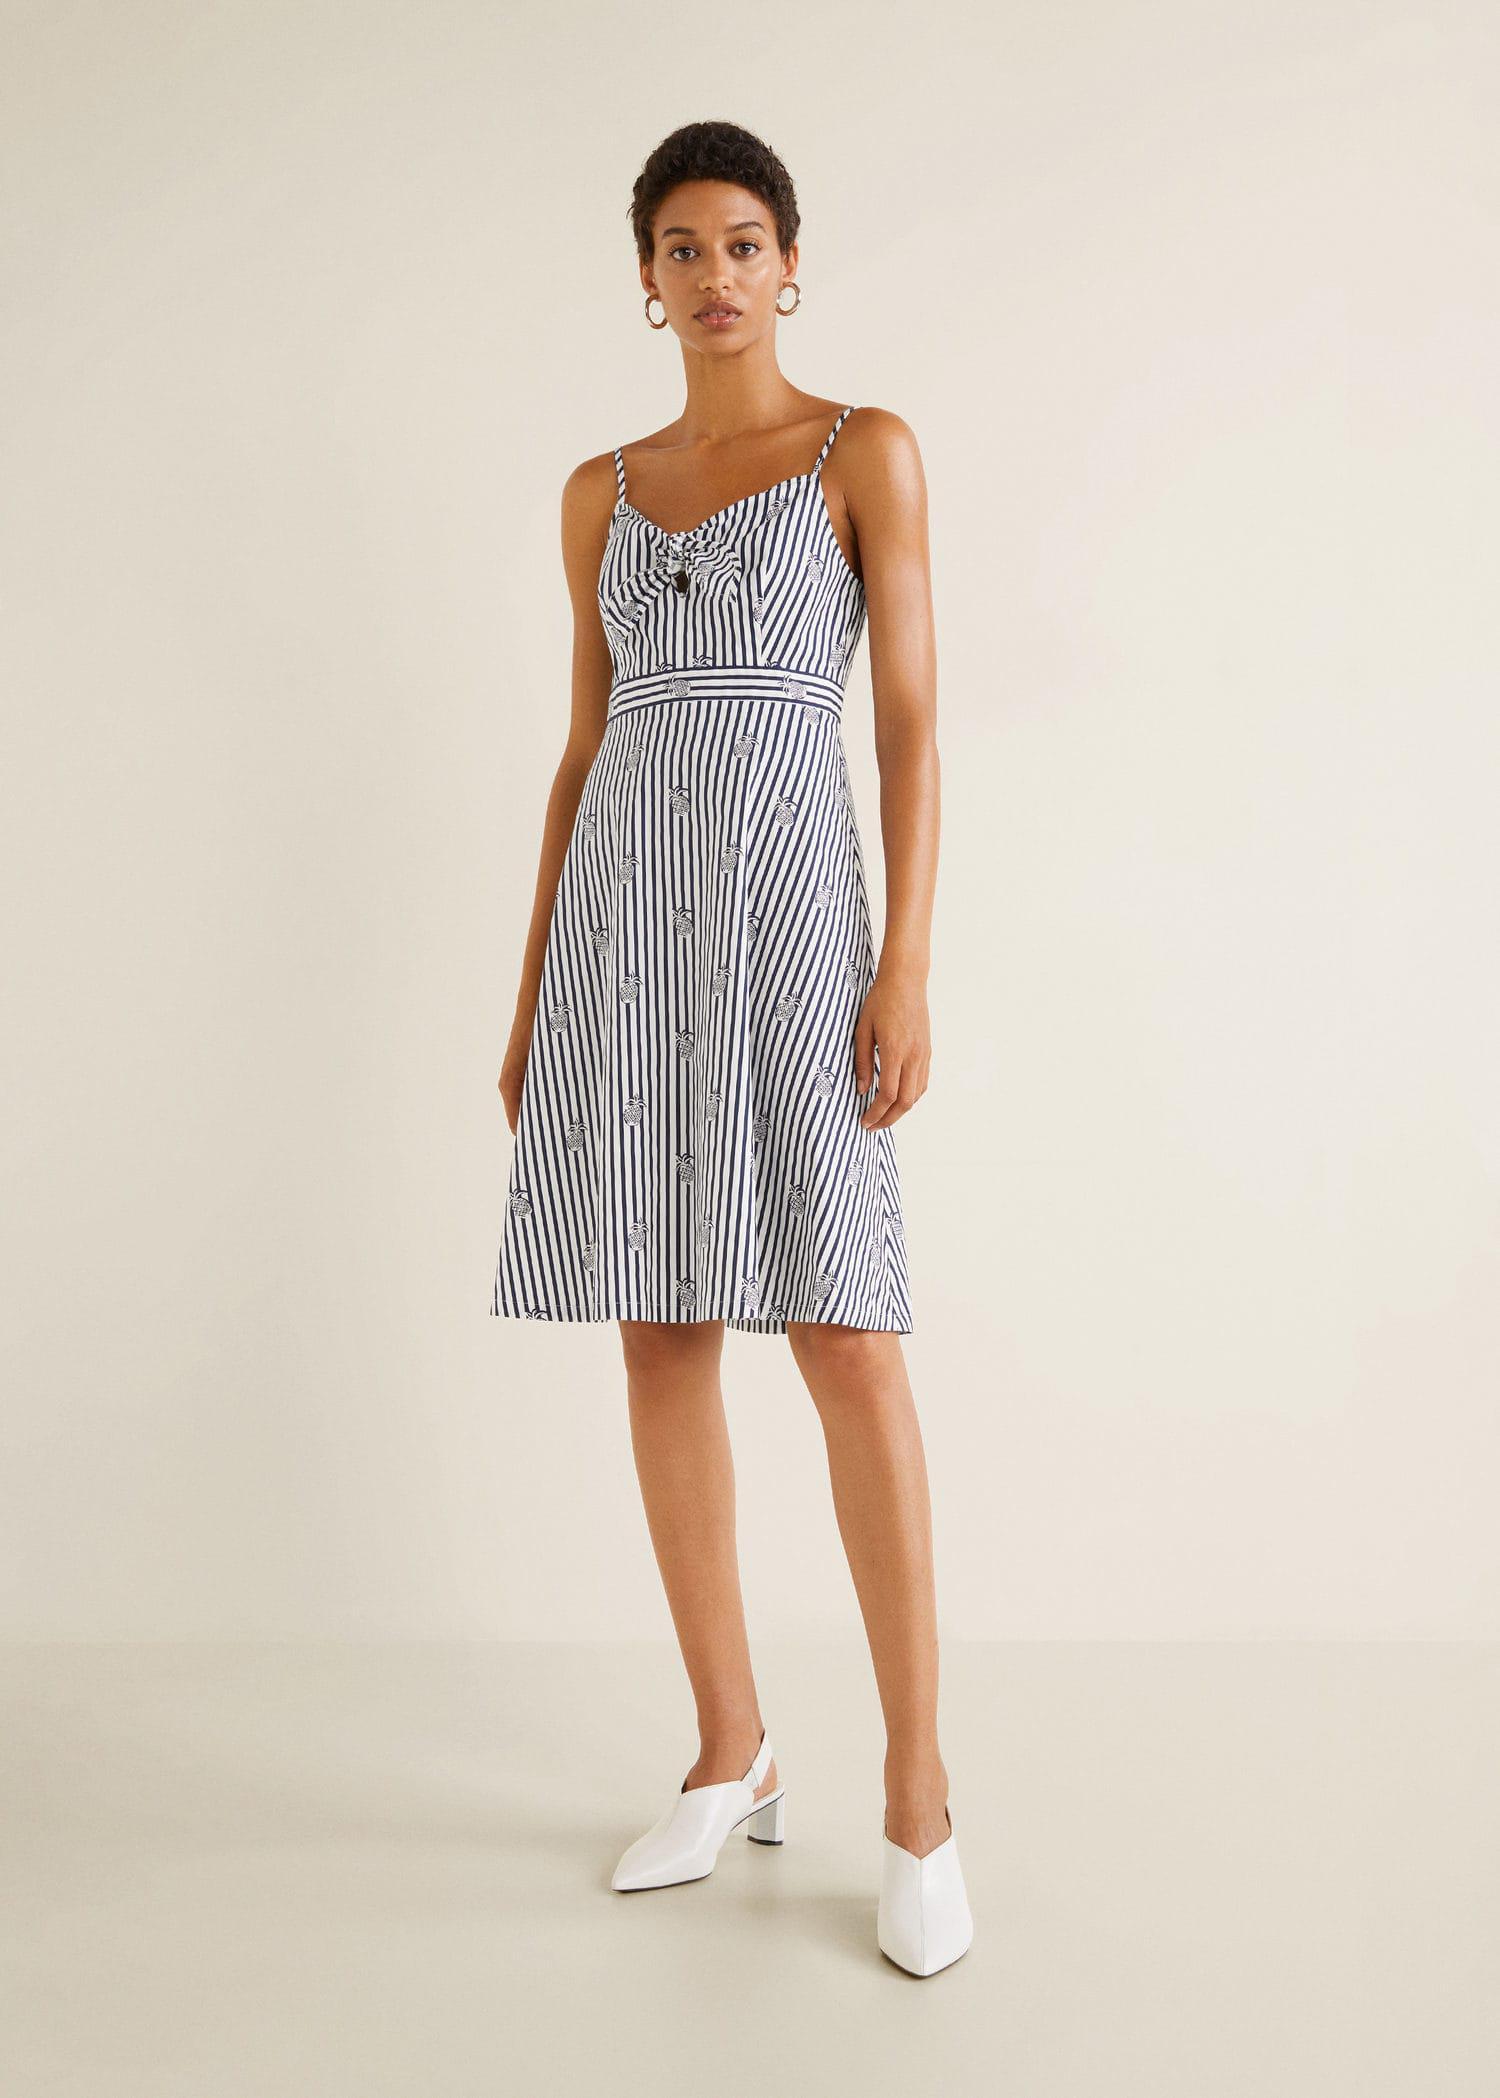 65d807913d4 Mango - White Striped Strap Dress - Lyst. View fullscreen